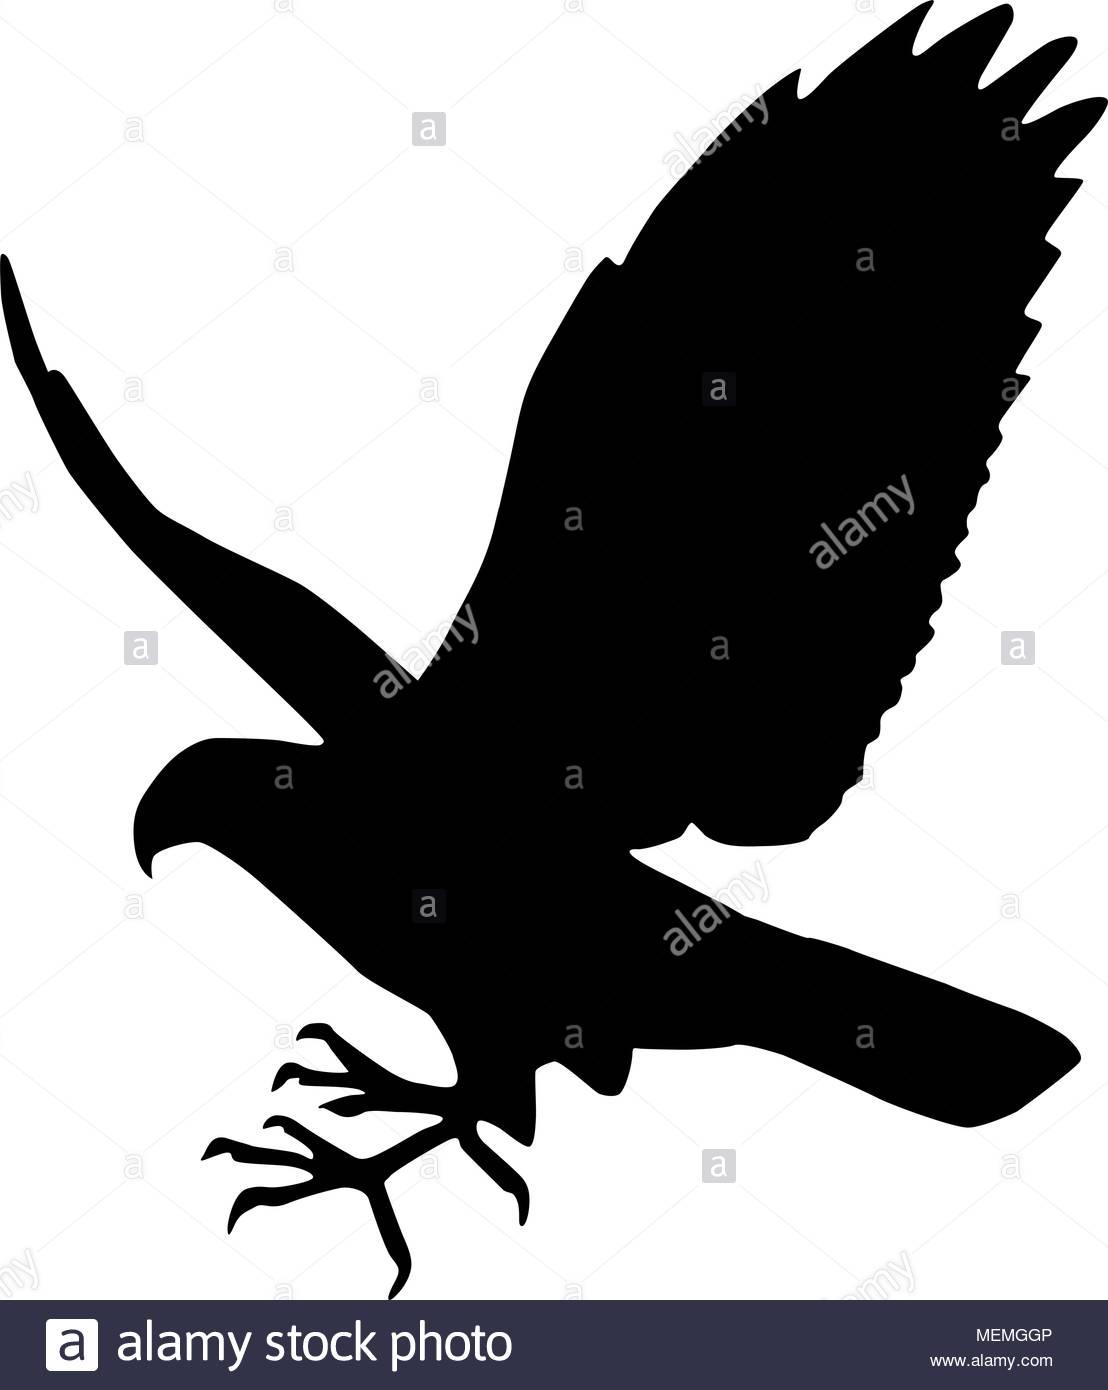 Falcon - Retro Clipart Illustration - Stock Image